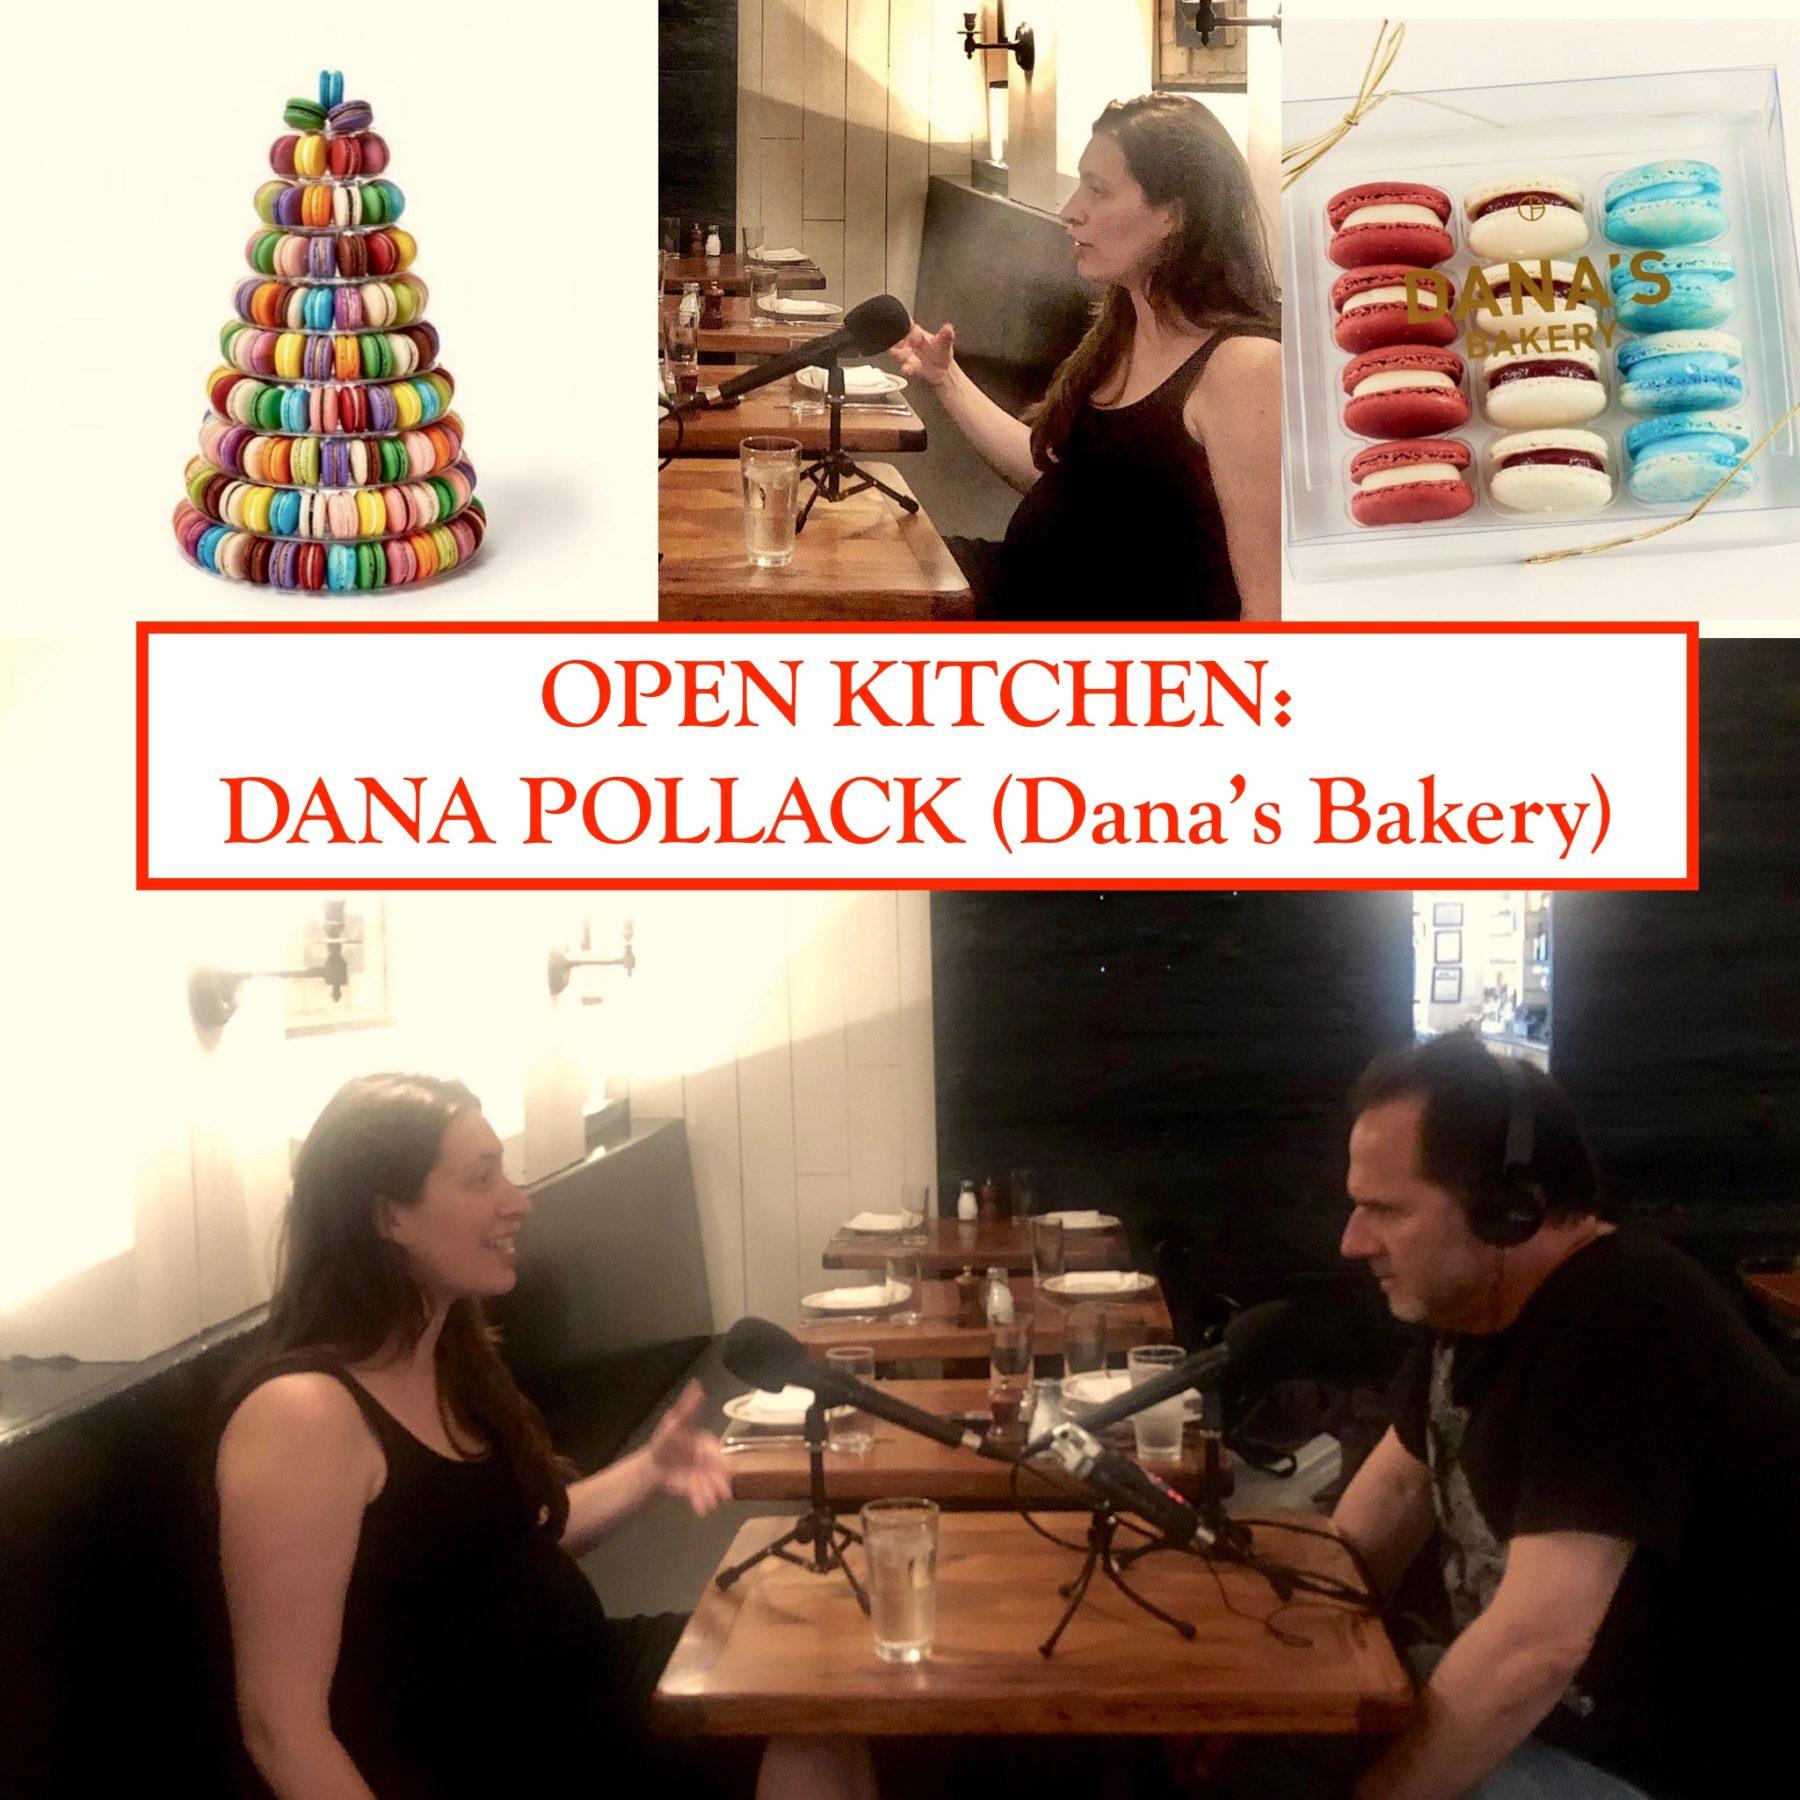 Open Kitchen: Dana Pollack (Dana's Bakery)